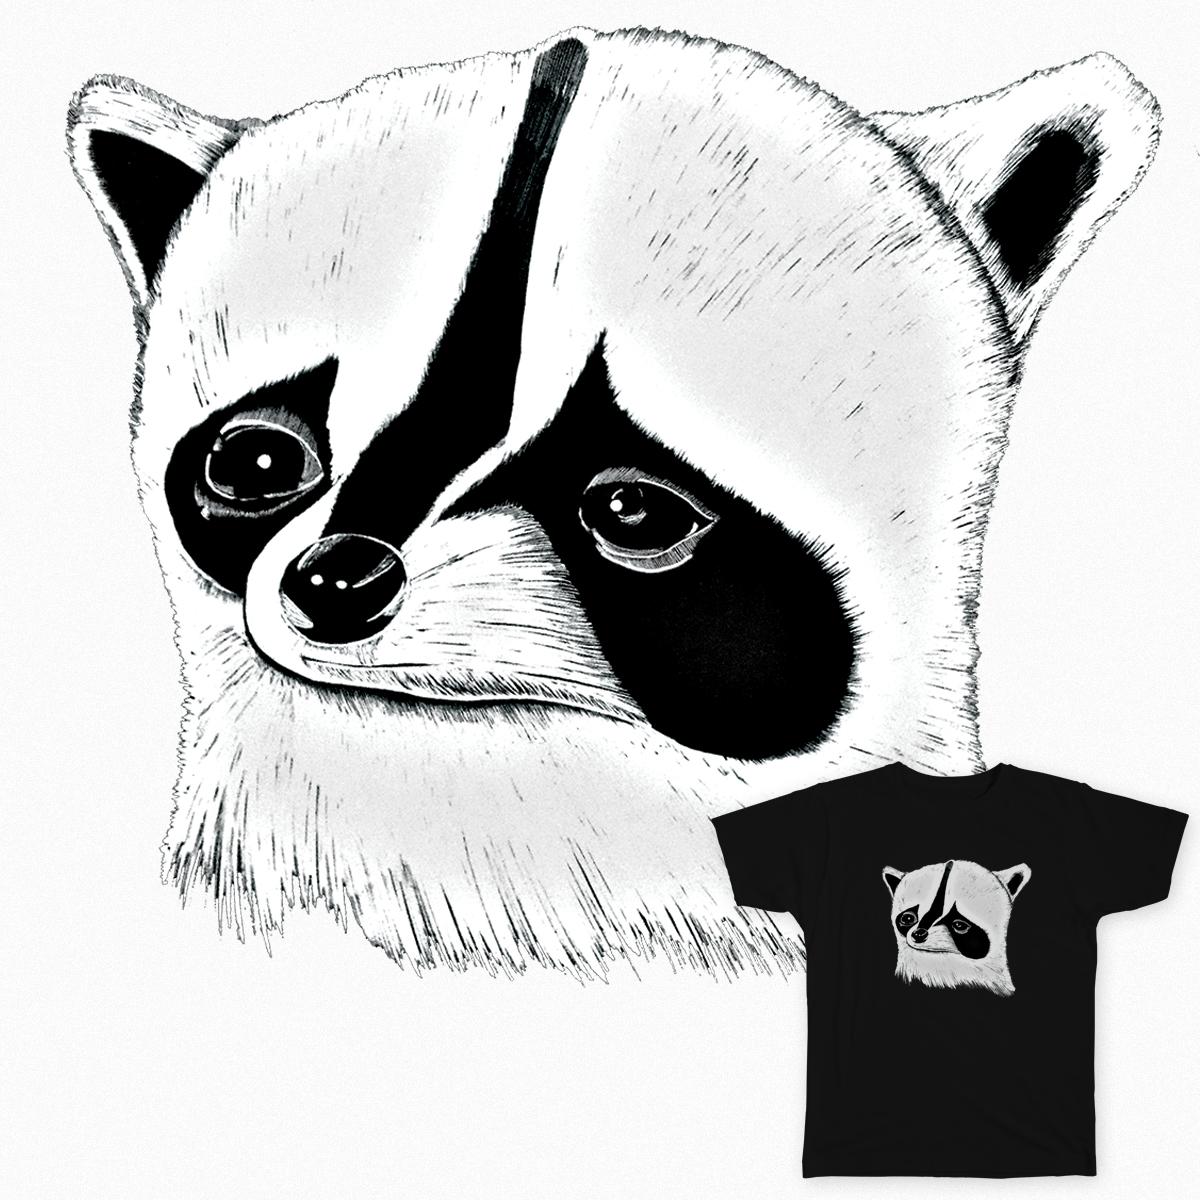 Sad Raccoon by imaginaryeye on Threadless